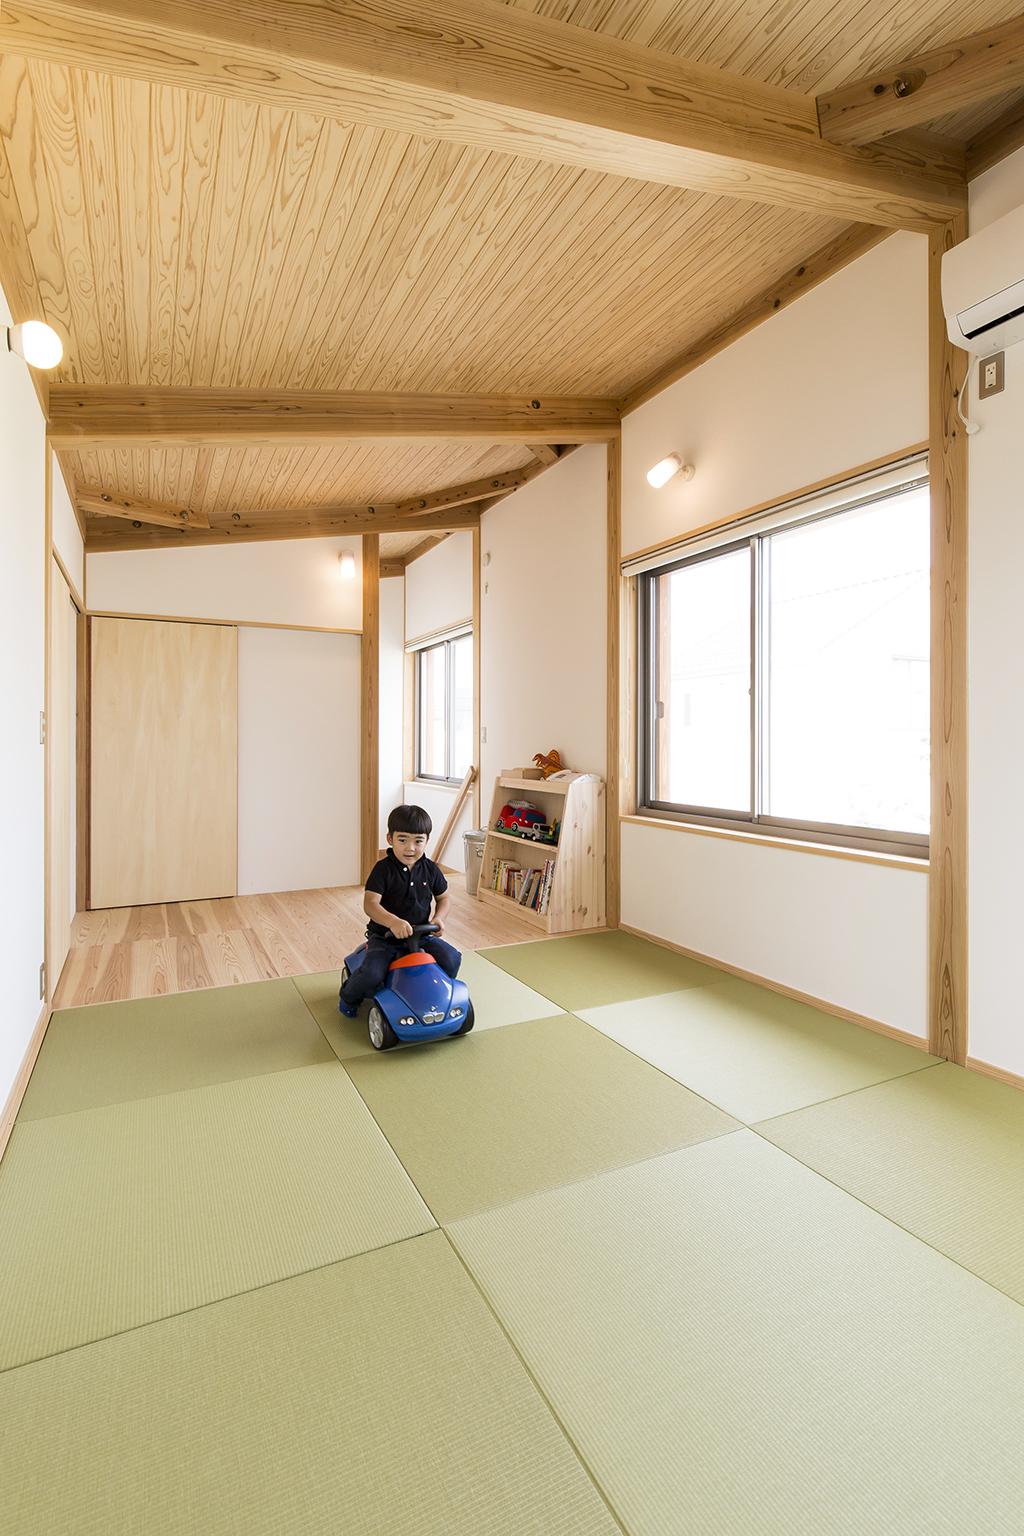 高砂市の木の家 2階の畳敷きのセカンドリビング